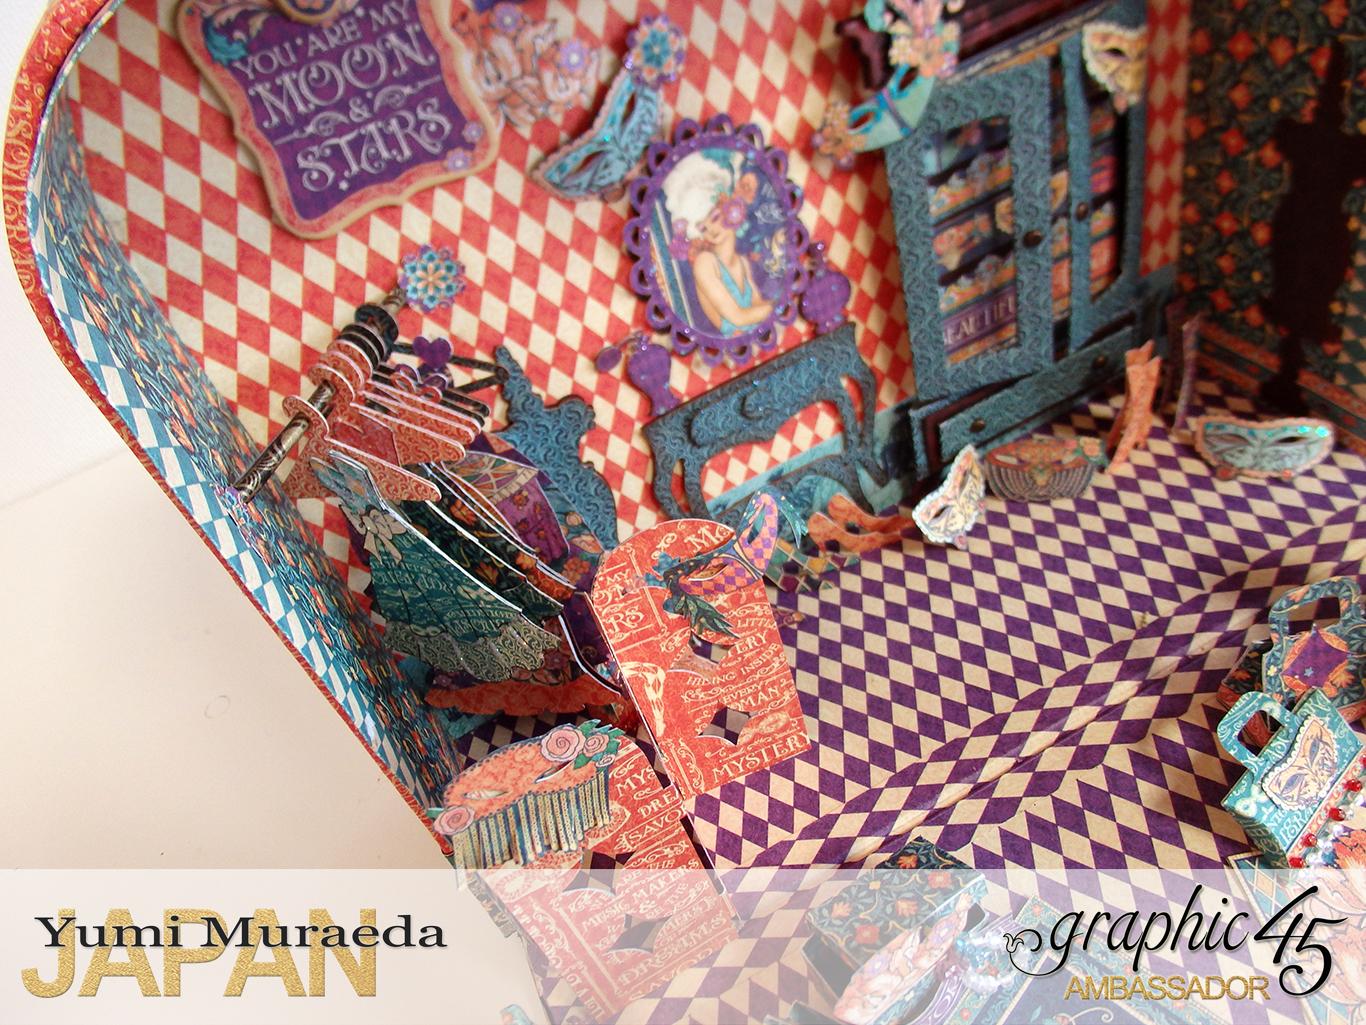 11midnightmasqueradskisekaedesignbyyumiproductbyGraphic45.jpg